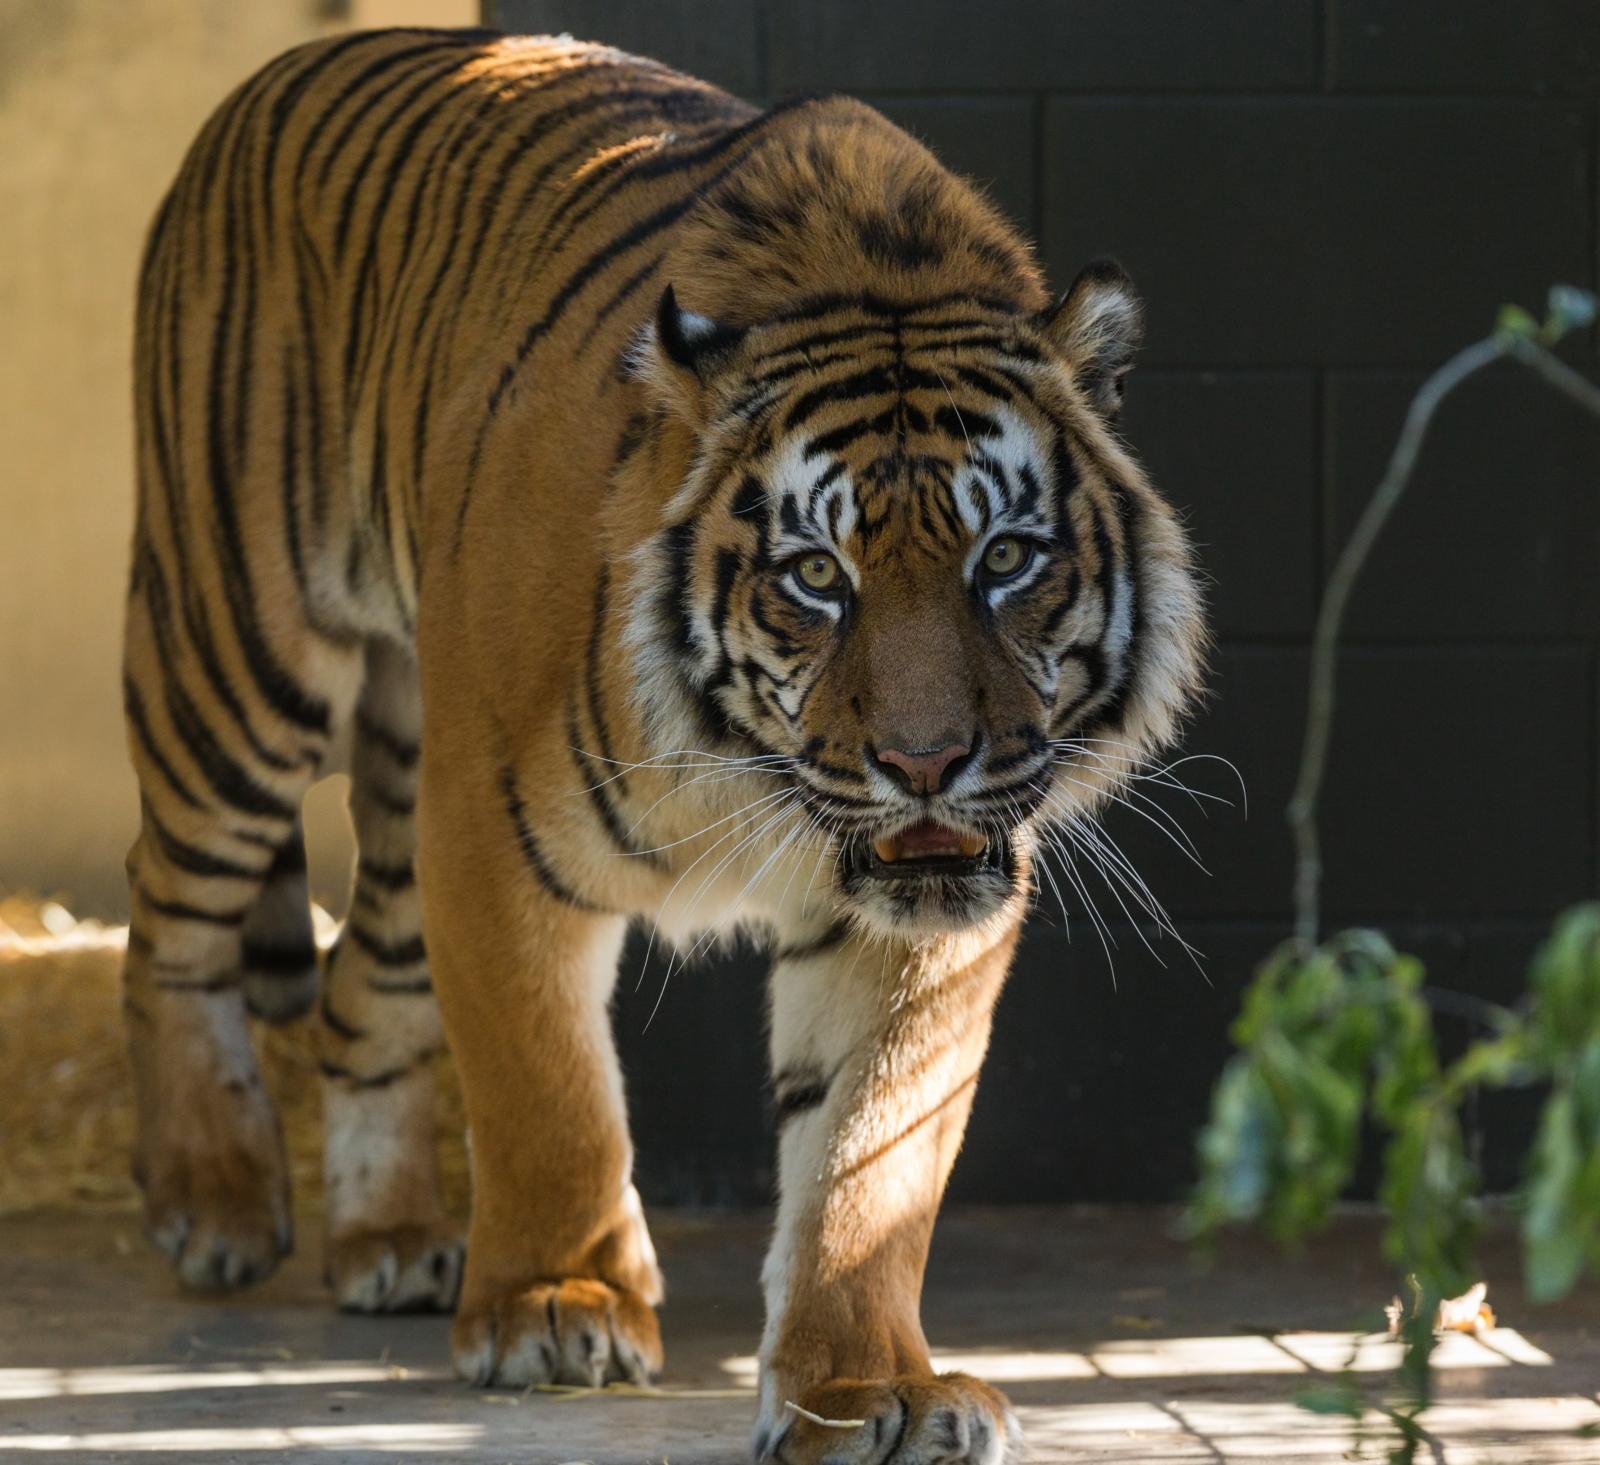 Animal Care students study tiger enclosure at Hamilton Zoo